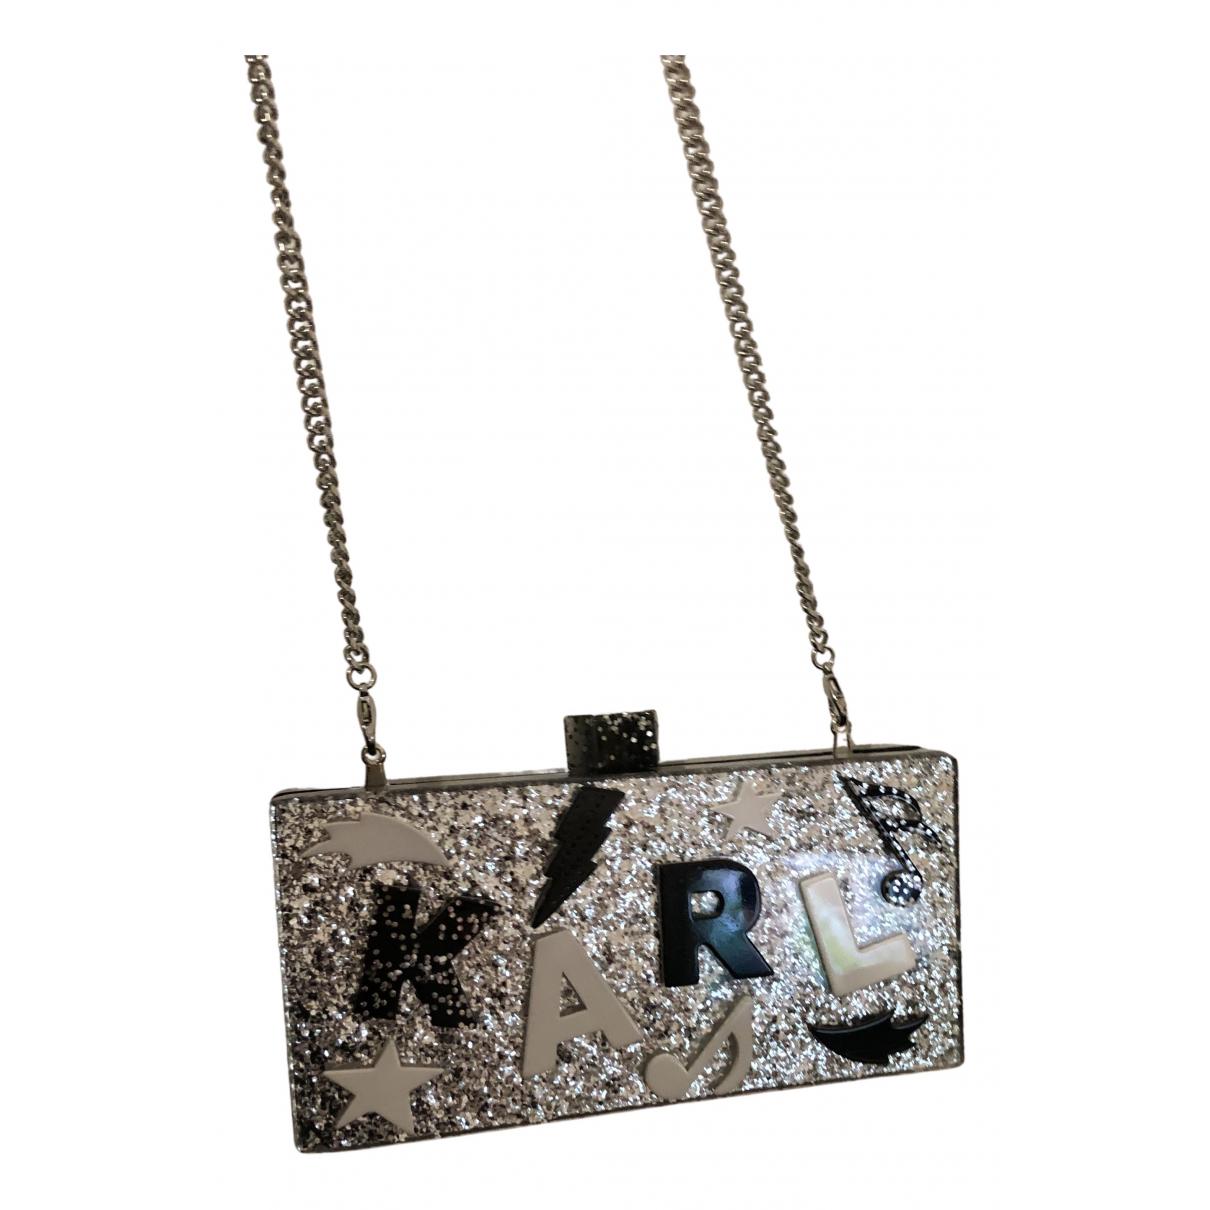 Karl Lagerfeld - Pochette   pour femme - argente